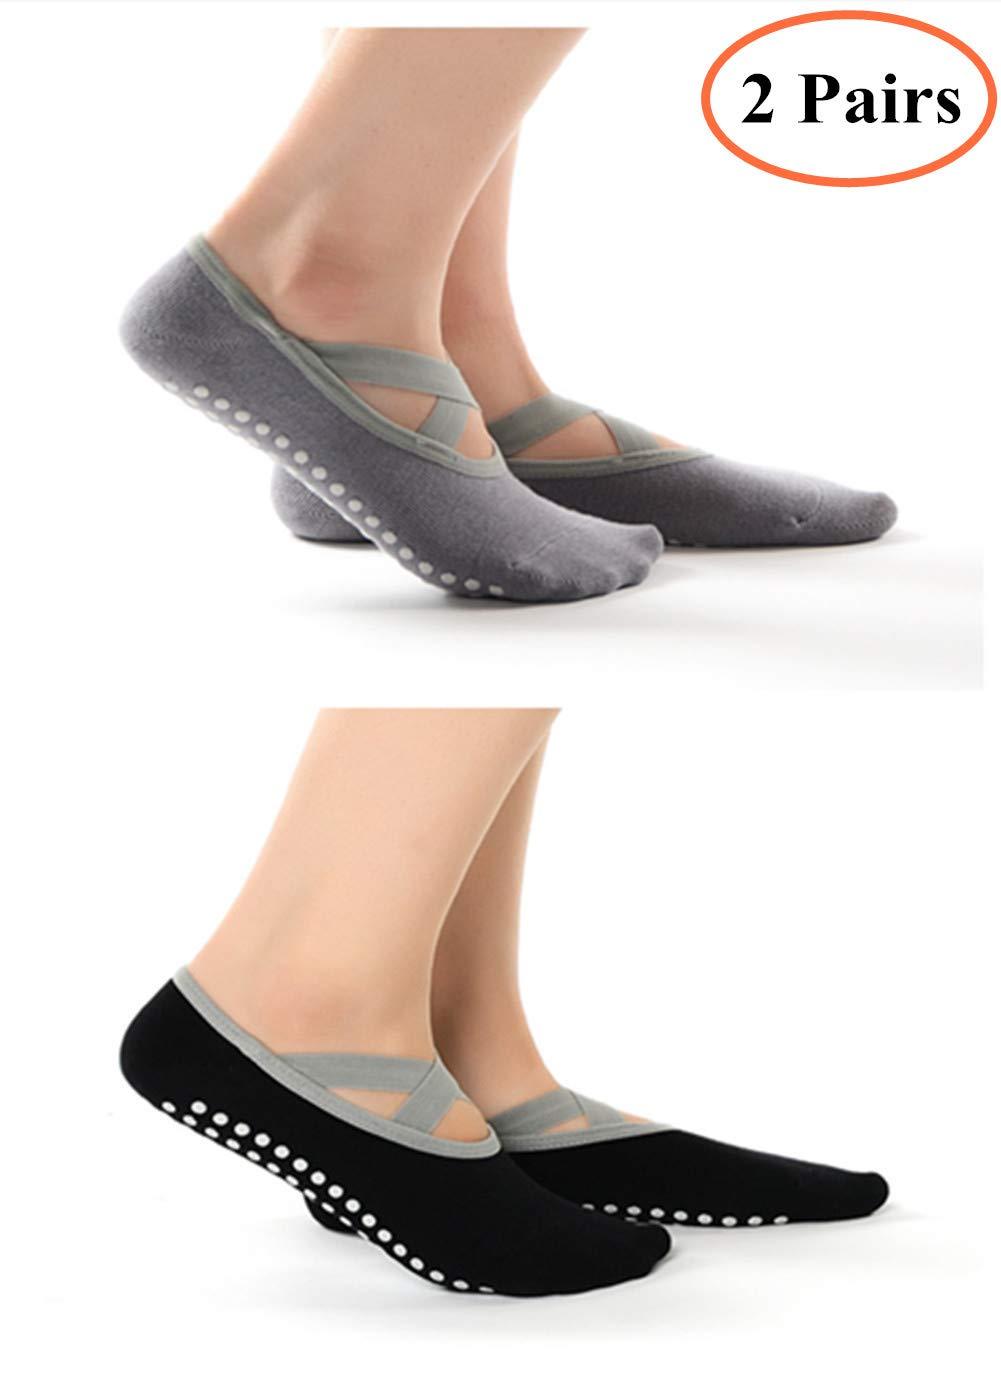 2 Pairs Women Yoga Socks Non Slip Skid with Anti-Slip Straps Grips, Best Pilates Dance Barre Ballet Bikram Fitness Martial Arts Workout Full Toe Ankle Fall Prevention Socks Set, Cotton. (Black+Gray) Junboys